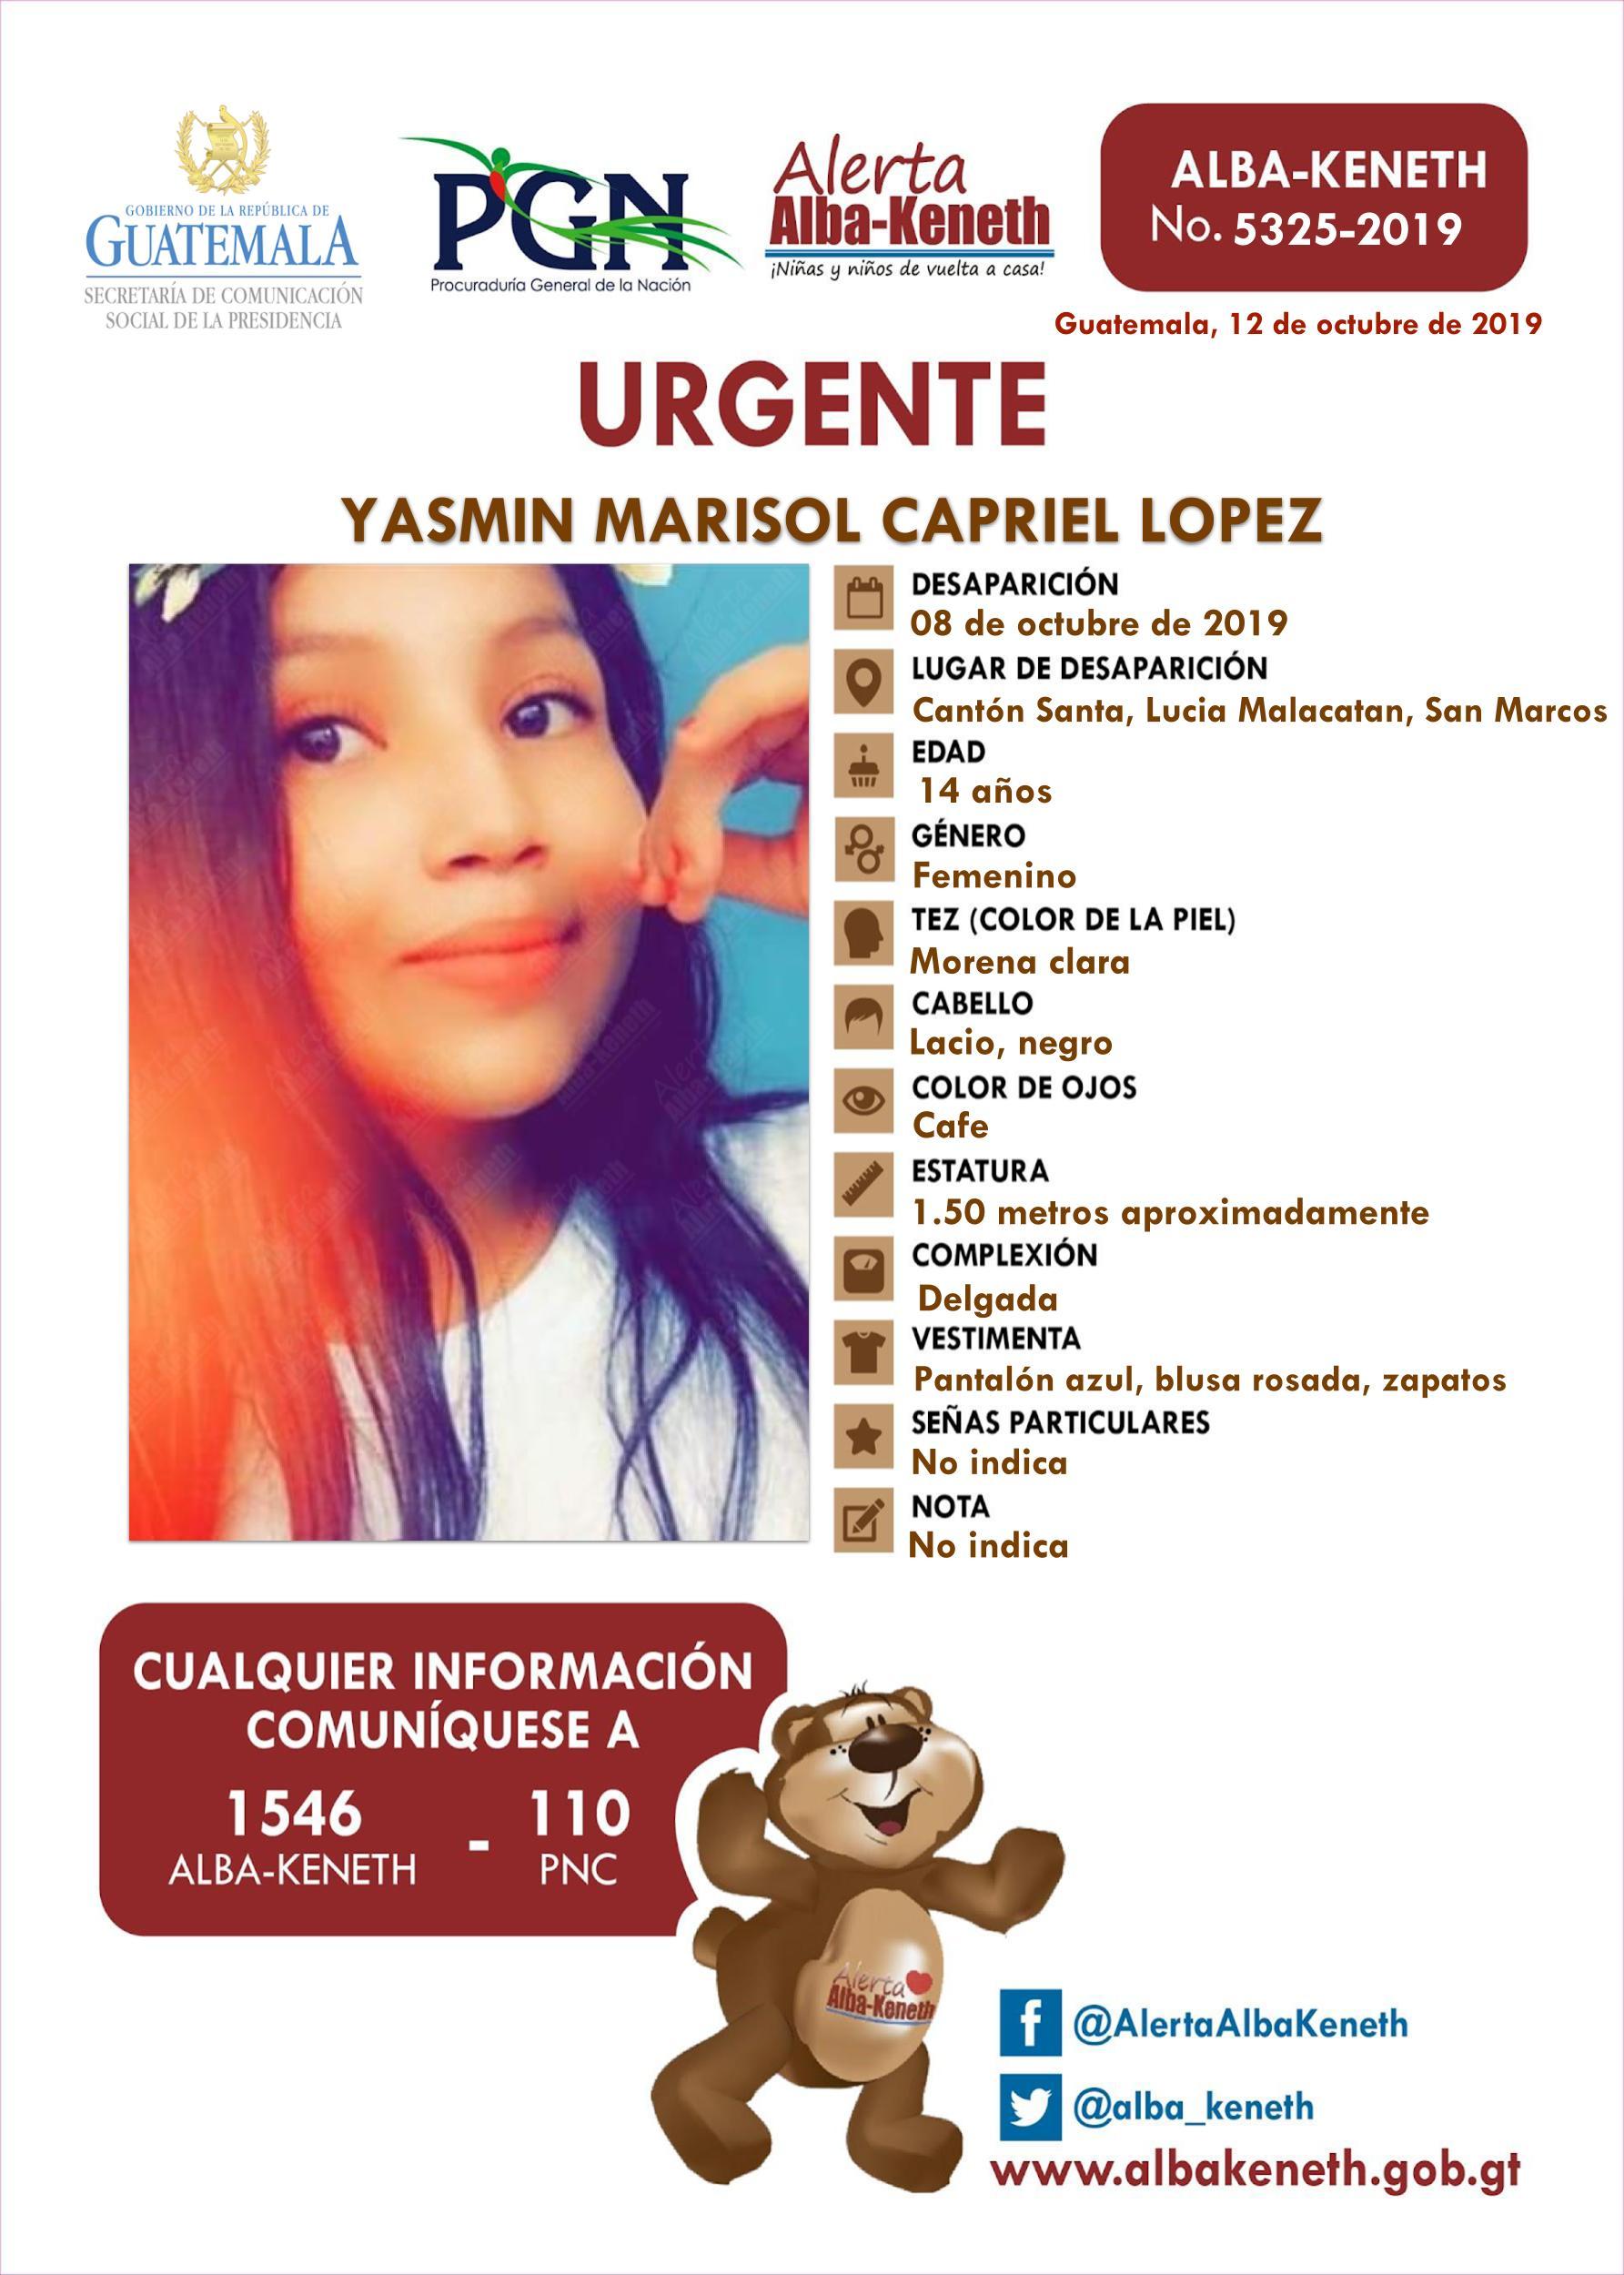 Yasmin Marisol Capriel Lopez